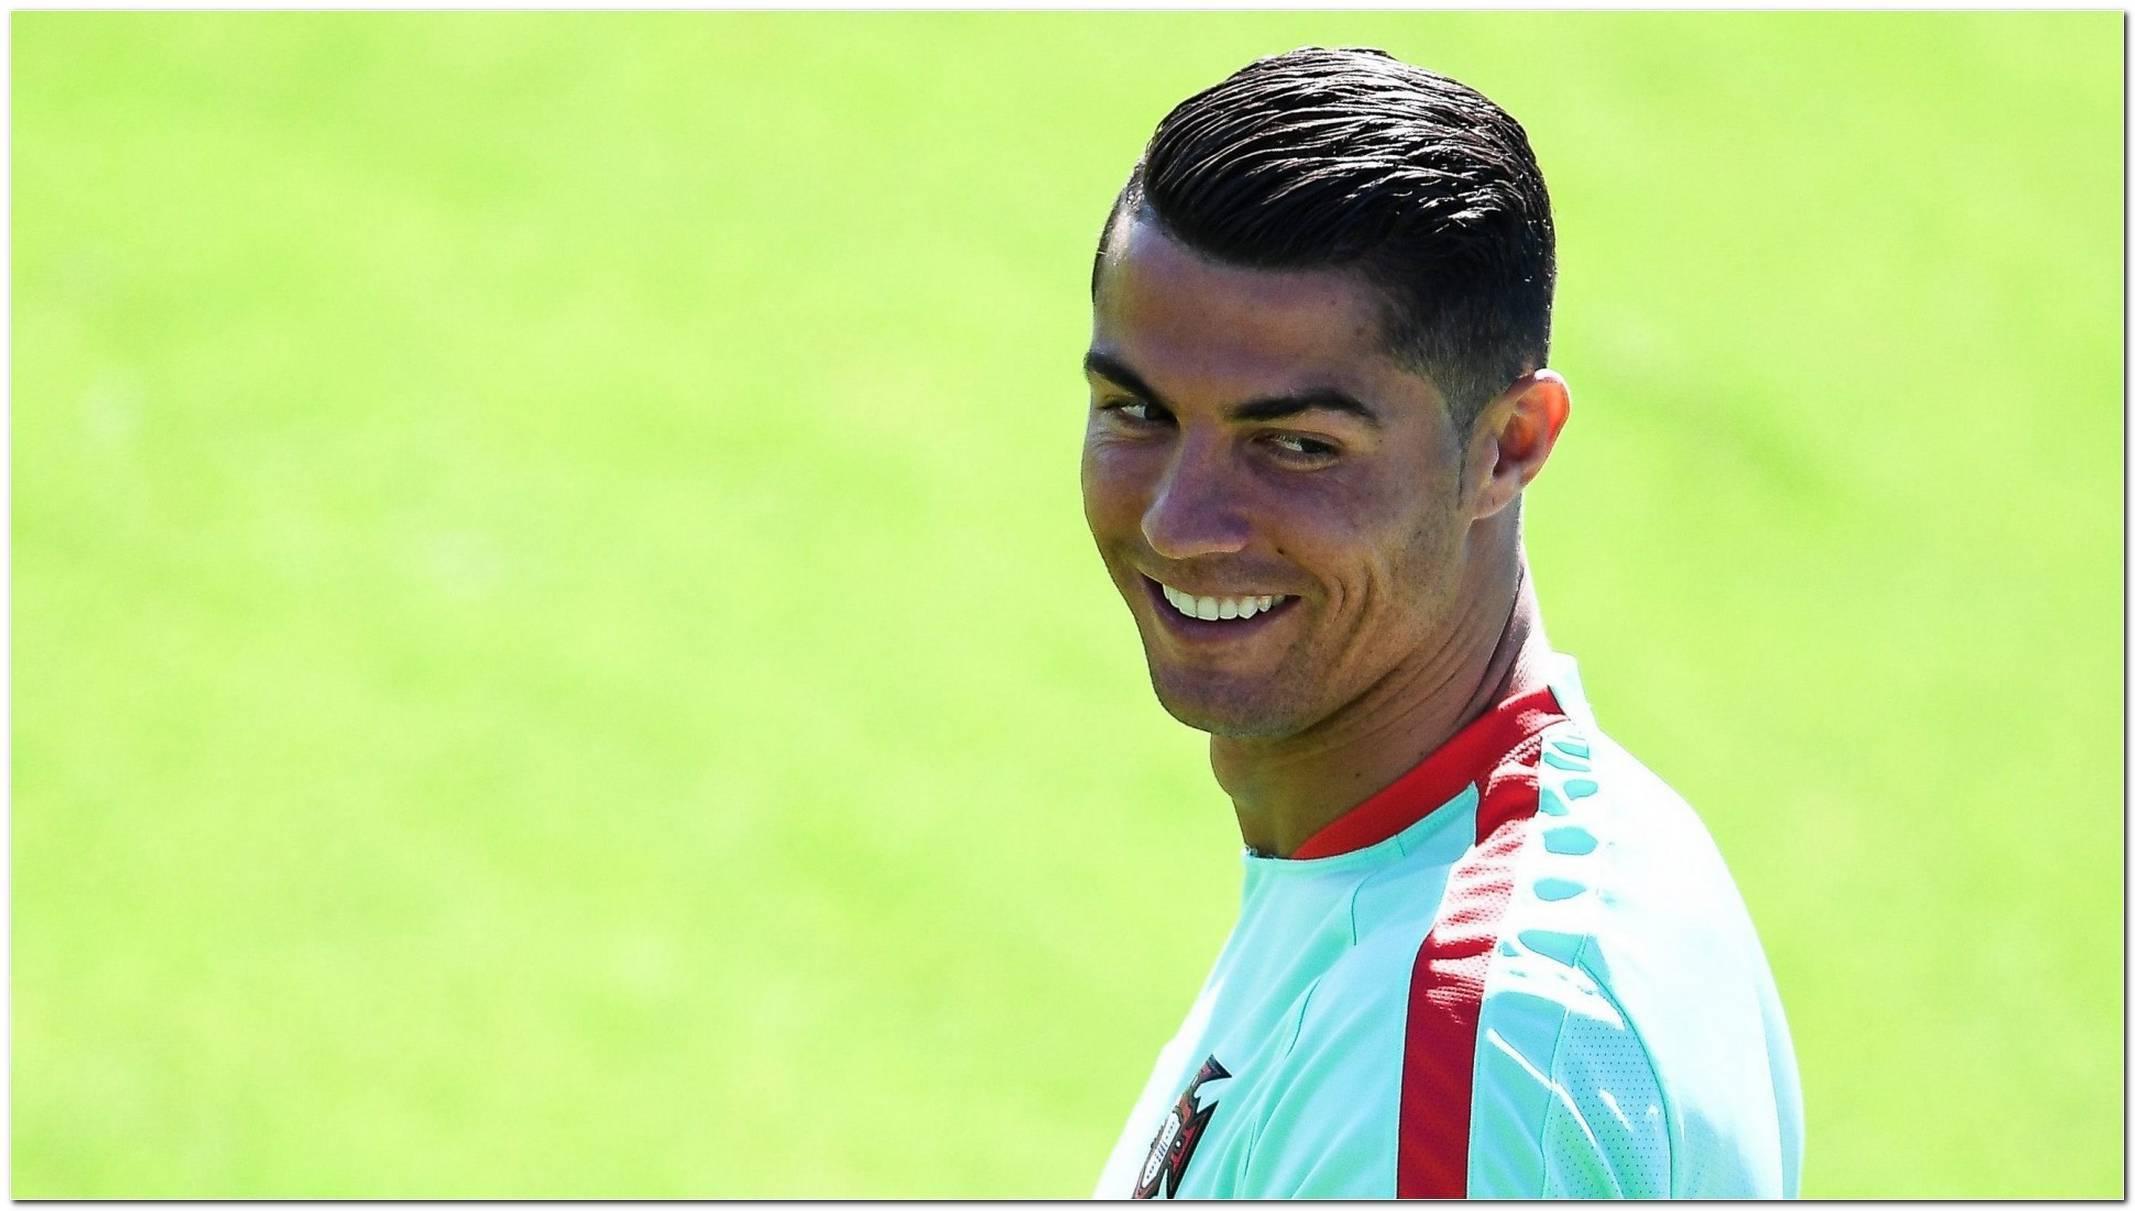 Ronaldo Frisur 2017 Mit Strich